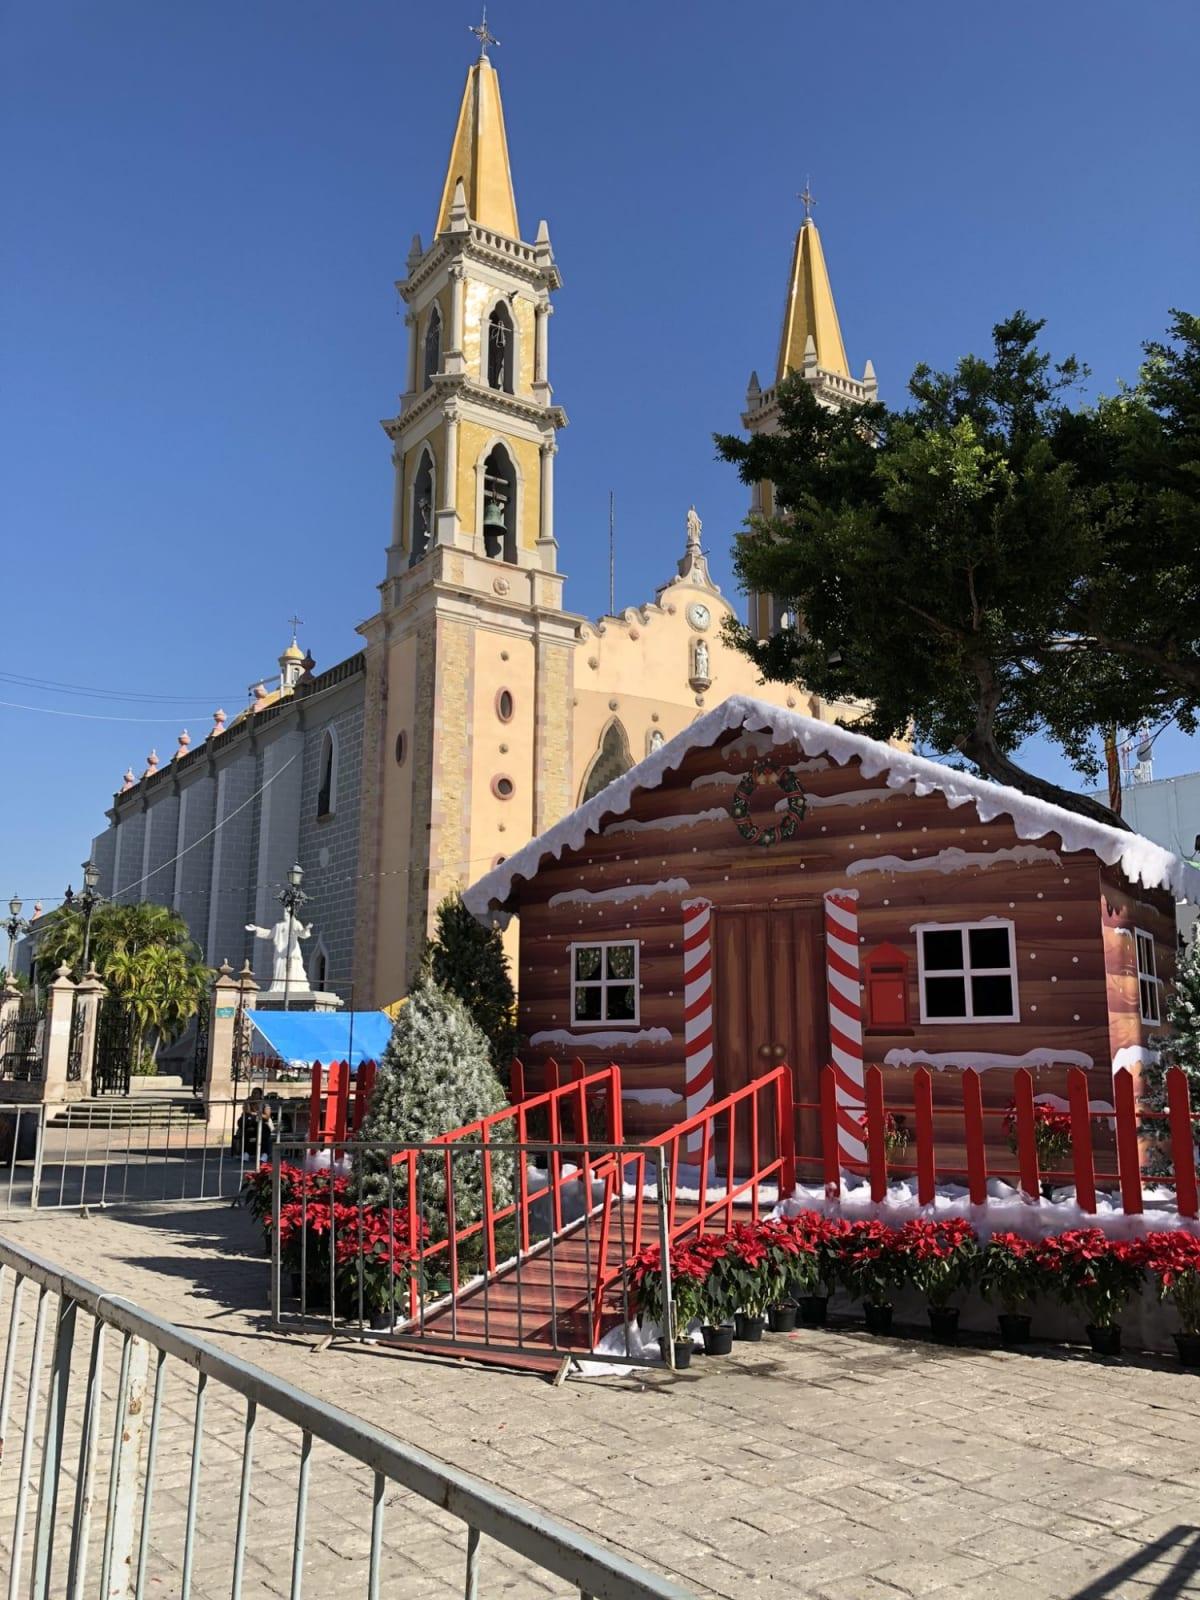 マサトランの教会 | マサトラン・リビエラ